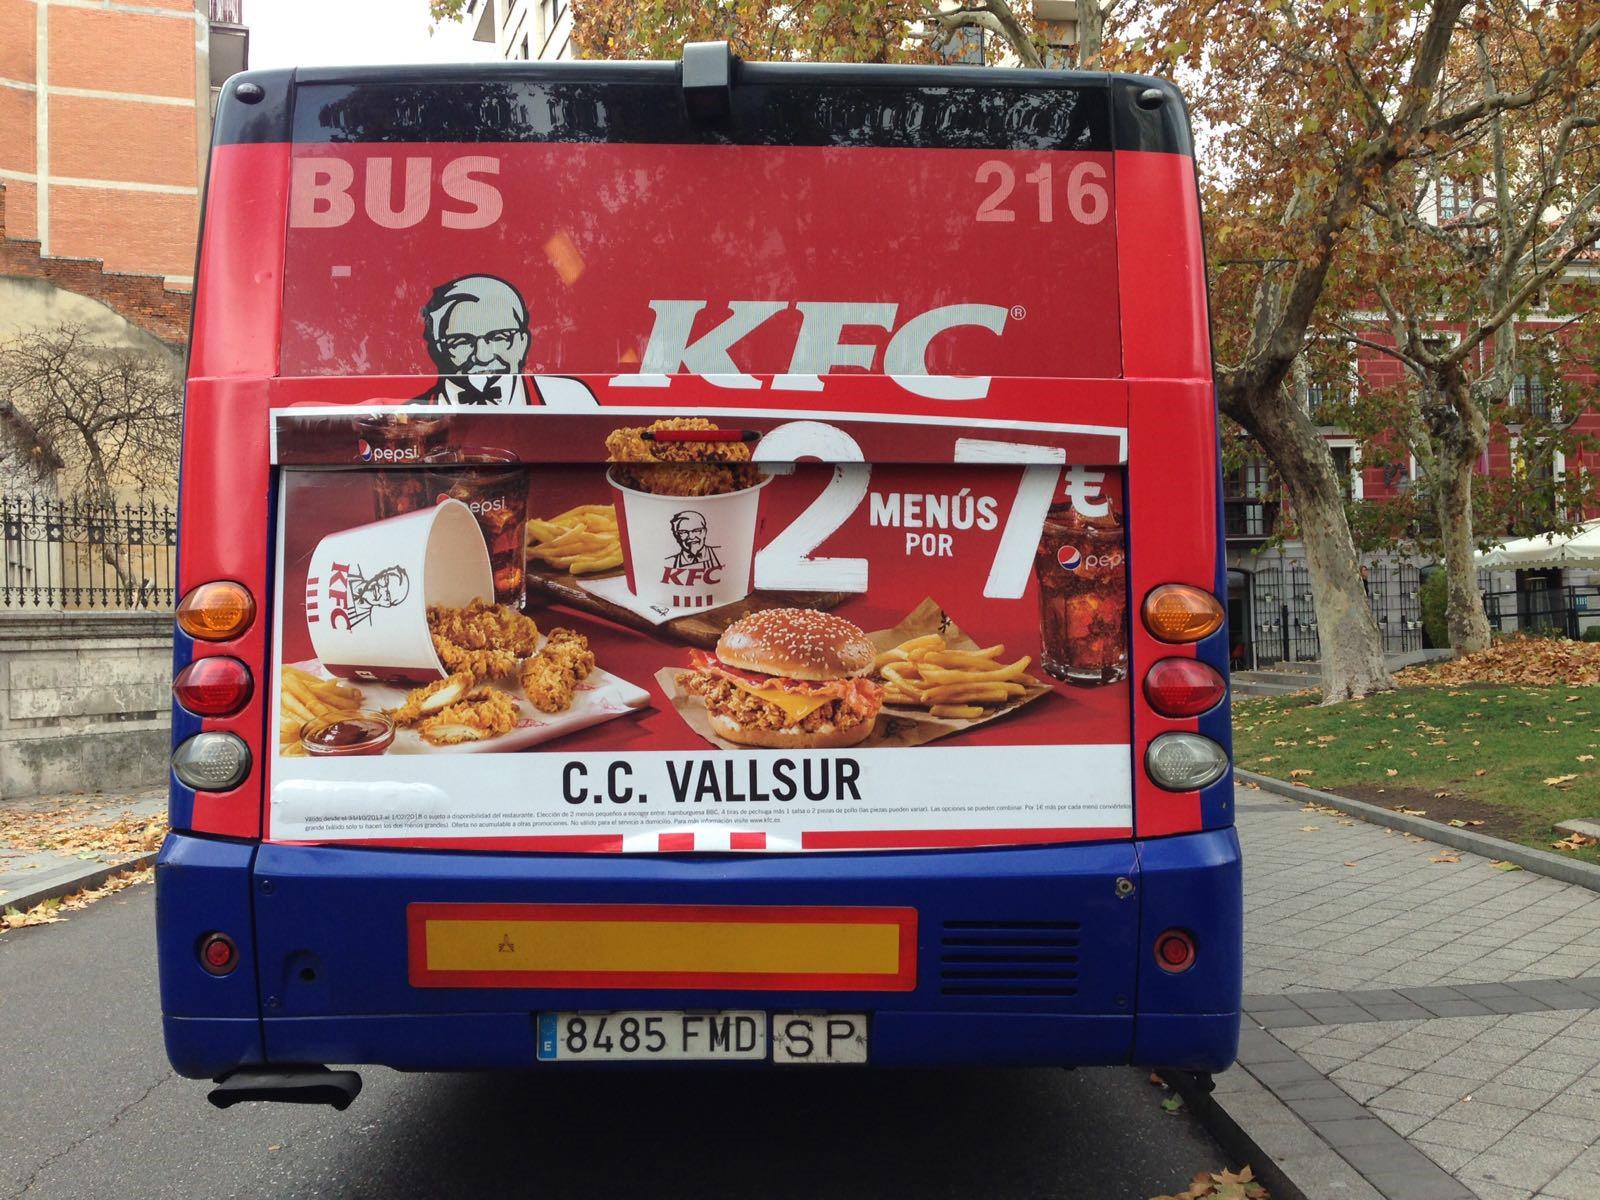 Estamos en Valladolid -Publicesa 01